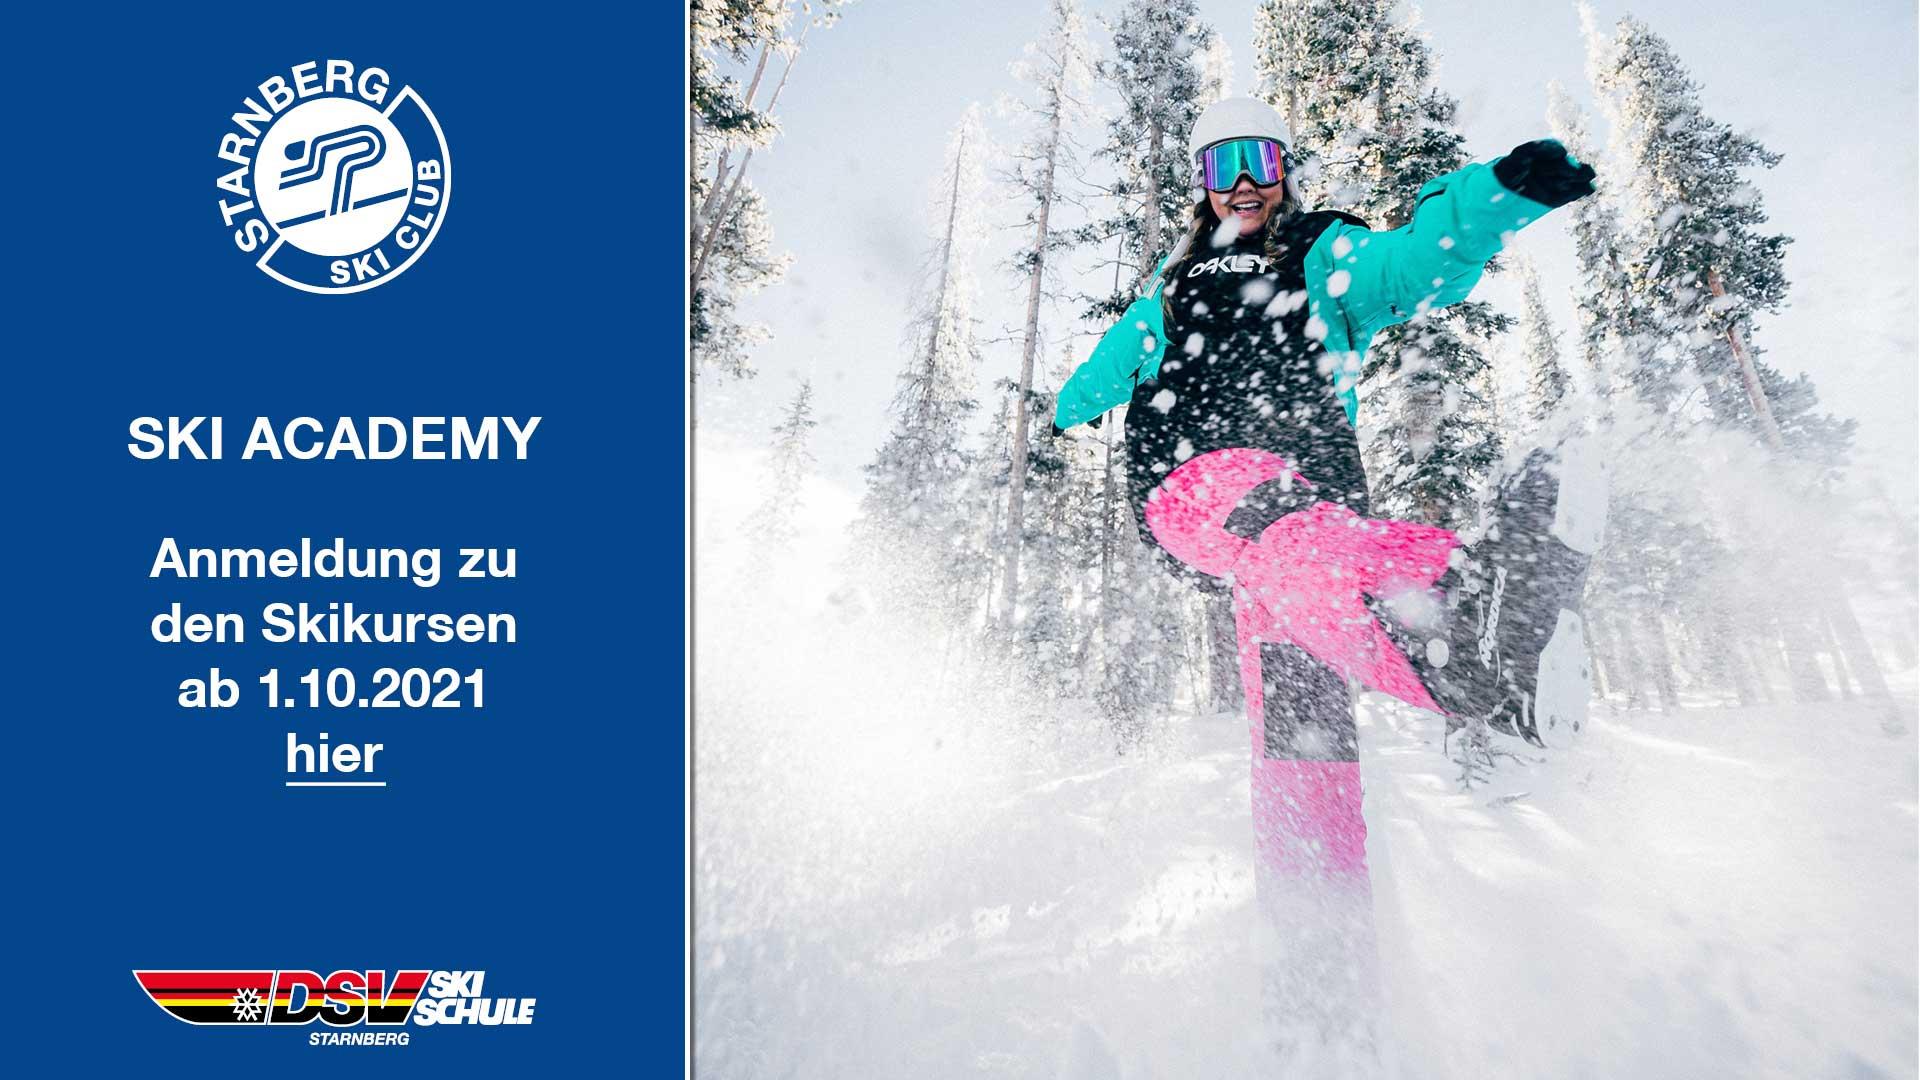 Ski Academy Anmeldung